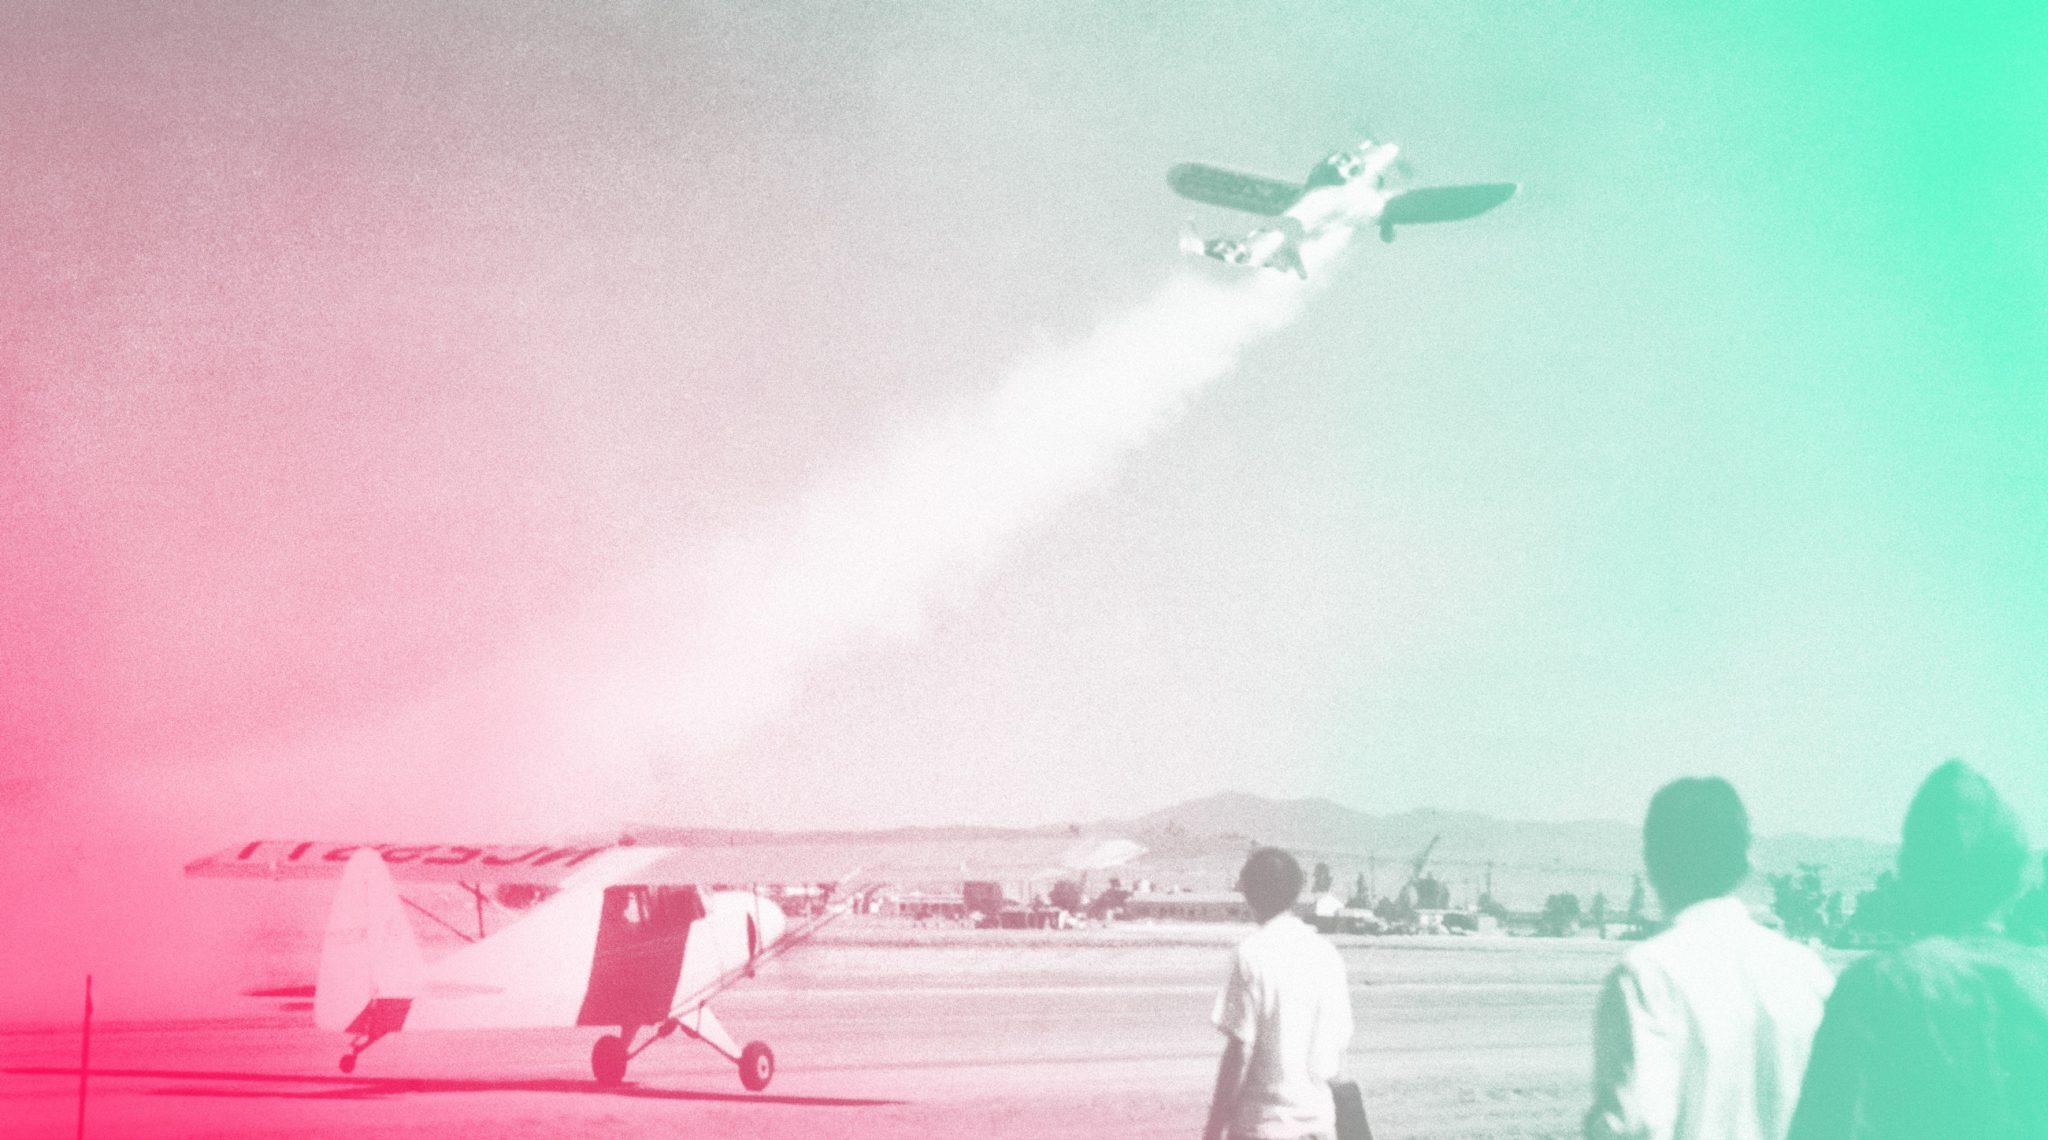 Mit wem wir<br> Innovationen provozieren?